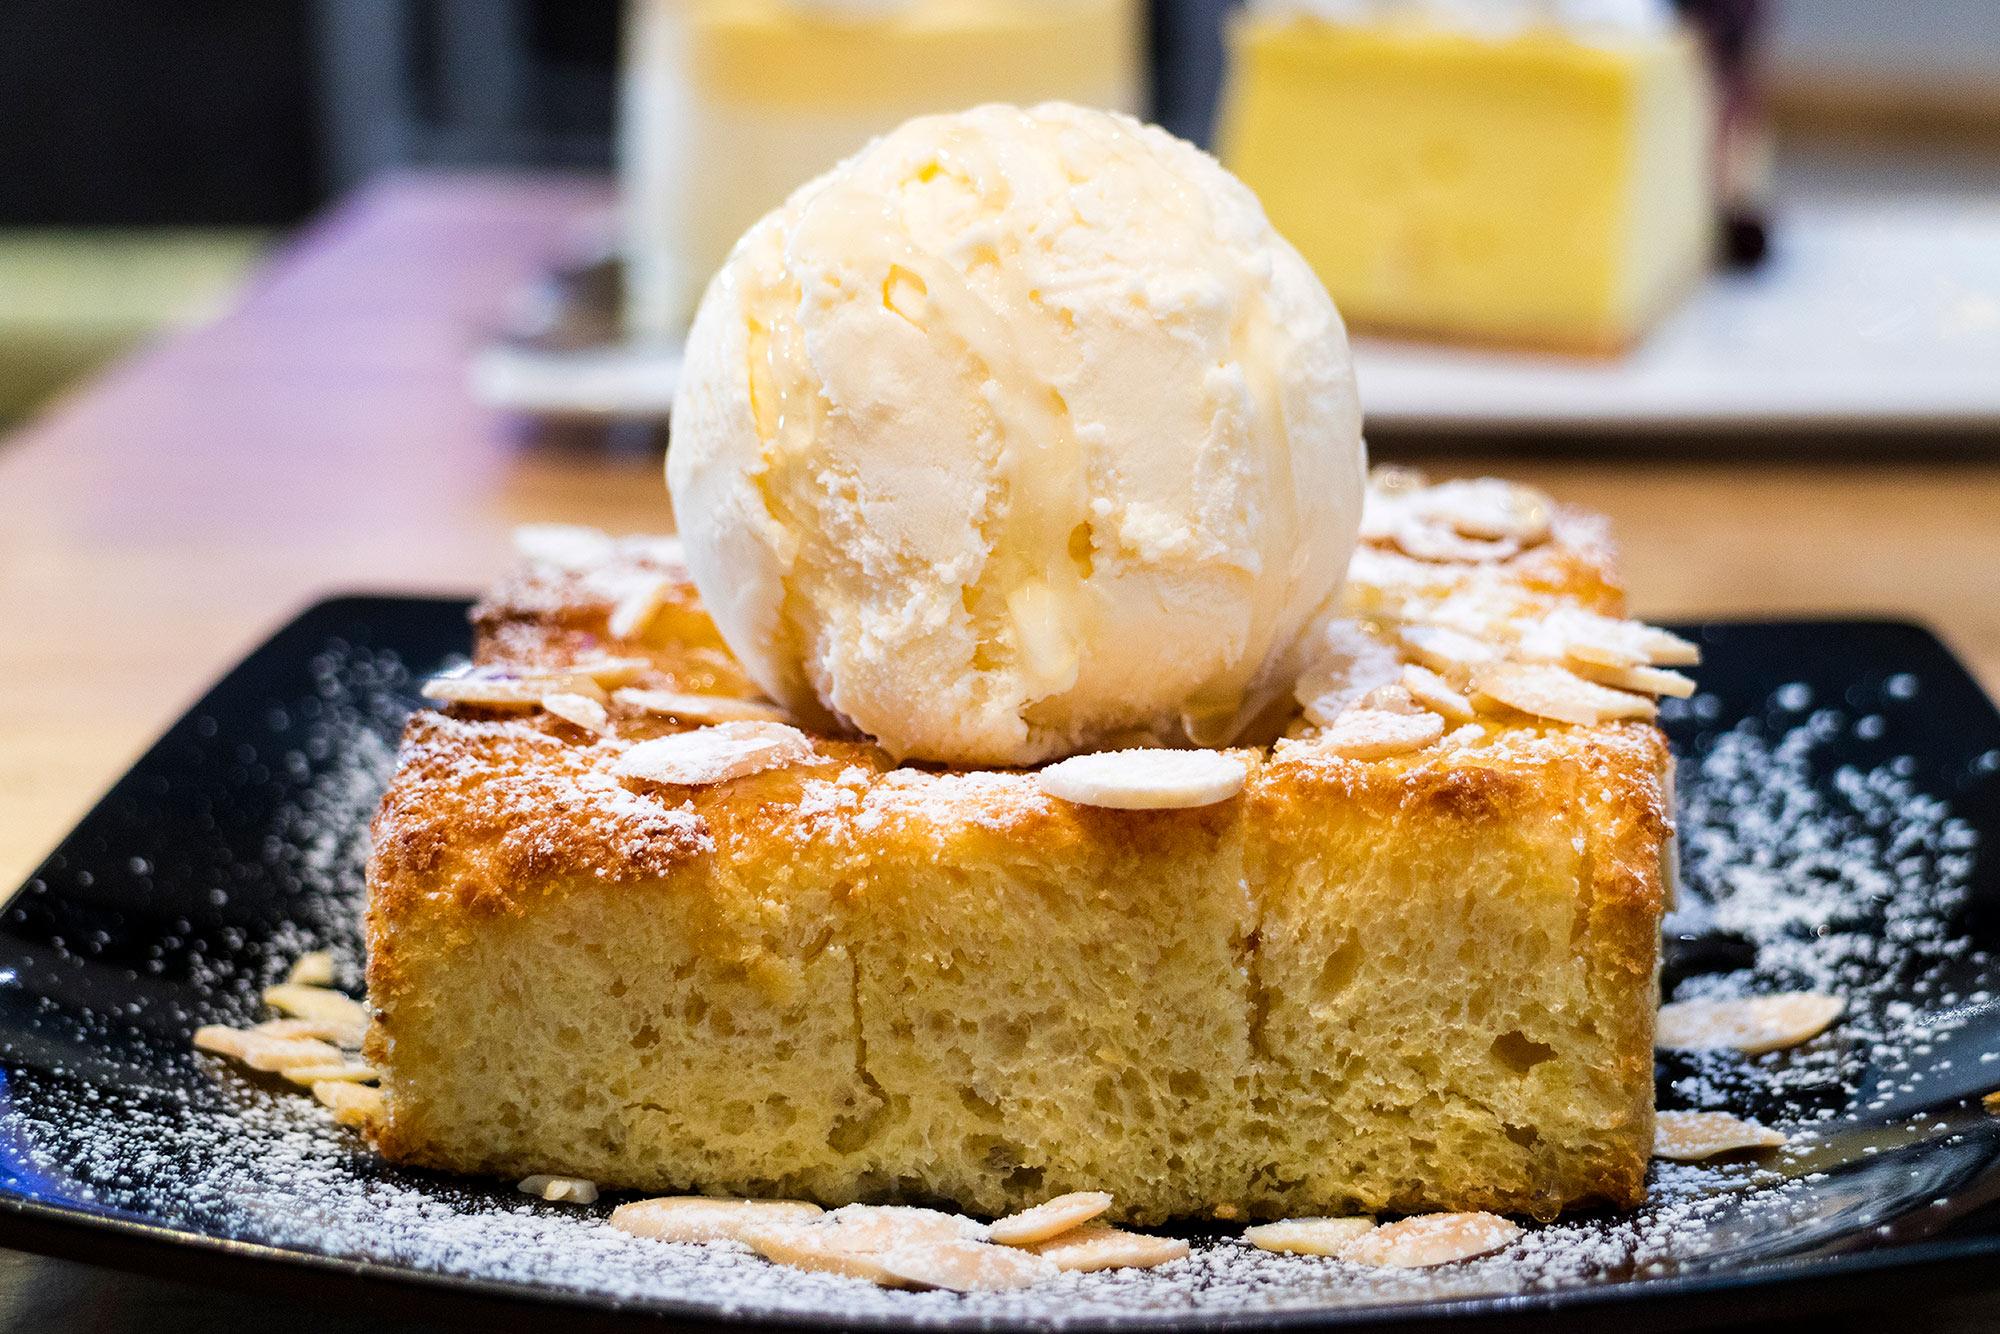 เลอ บูลองเช่ le boulanger  เลอ บูลองเช่ le boulanger บุฟเฟ่ต์เค้กกลางกรุง คุณภาพเกินราคา IMG 5366 1